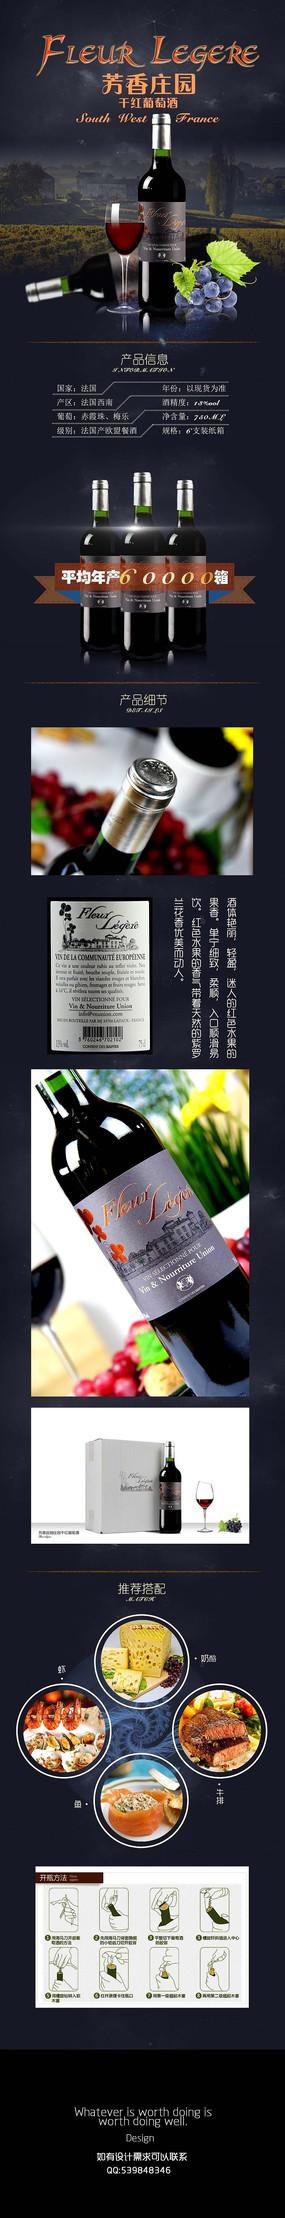 简约产品红酒详情页设计